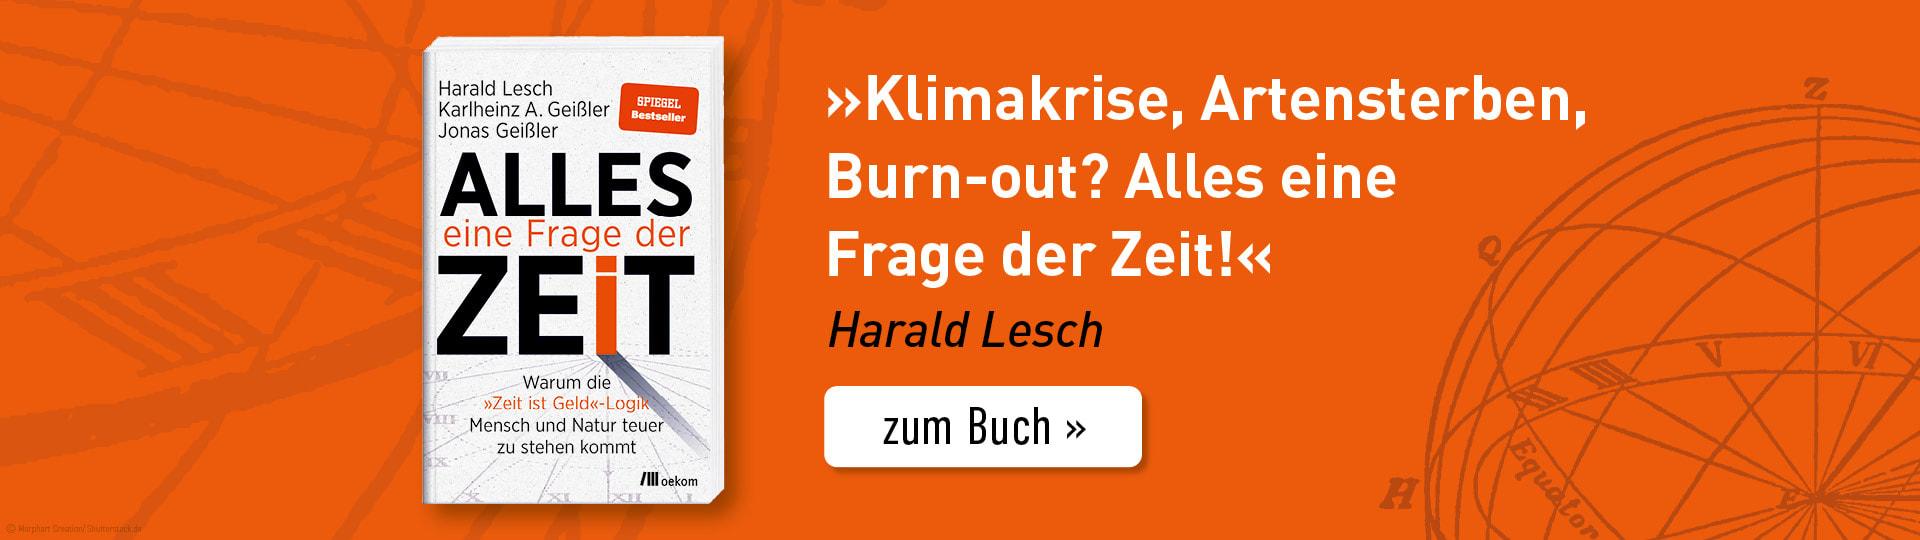 Werbebanner zum Buch »Alles eine Frage der Zeit« von Harald Lesch, Karlheinz A. Geißler und Jonas Geißler